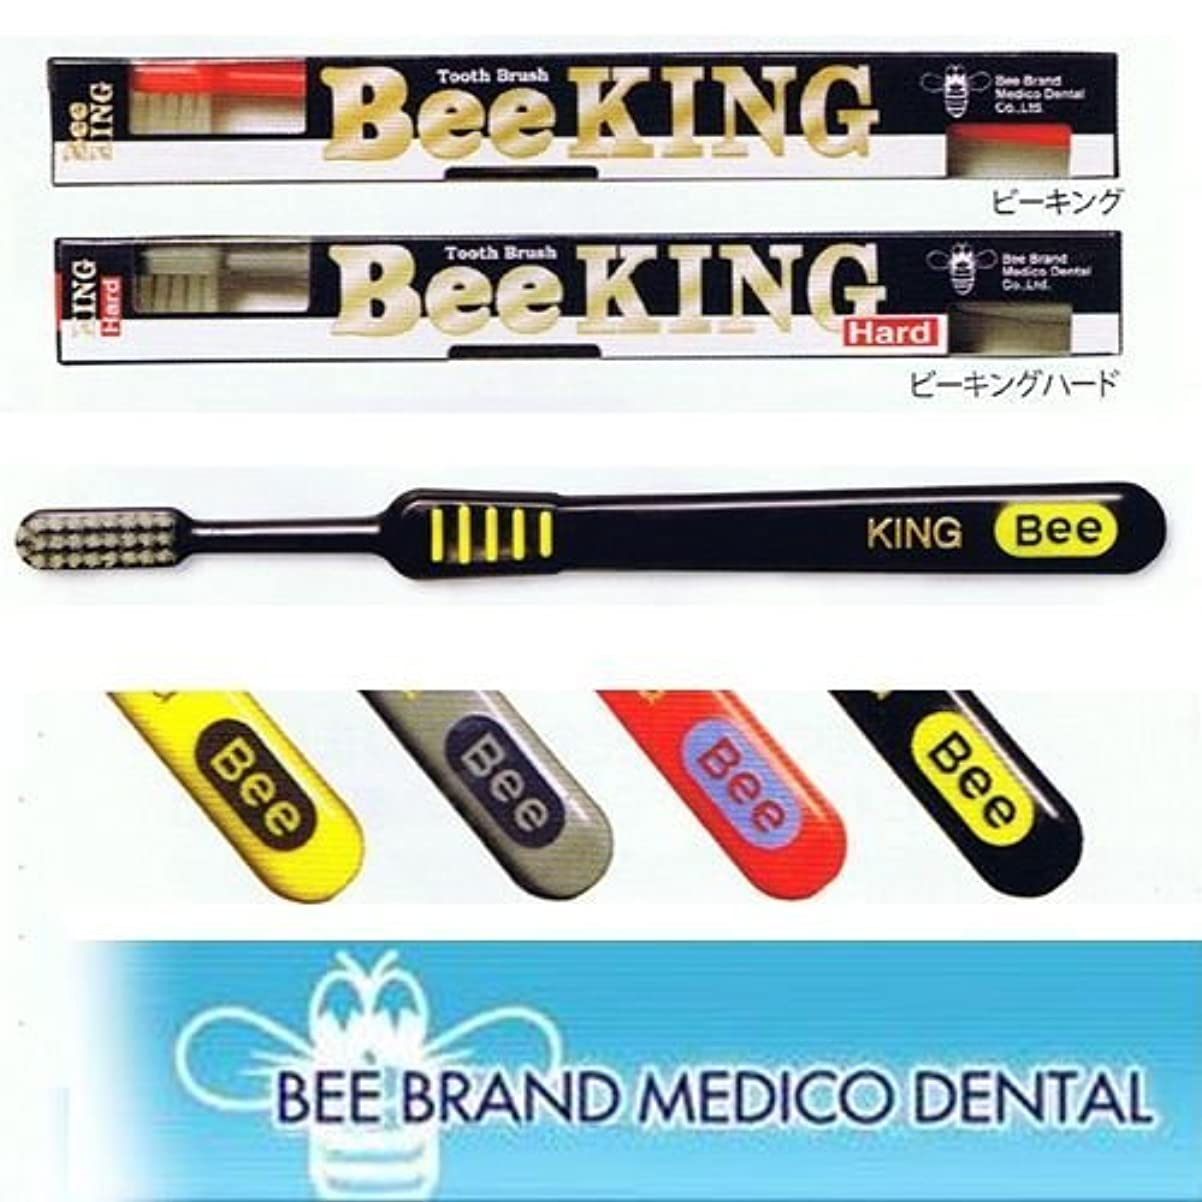 ピットバウンス命令的BeeBrand Dr.BEE 歯ブラシ キング ふつう